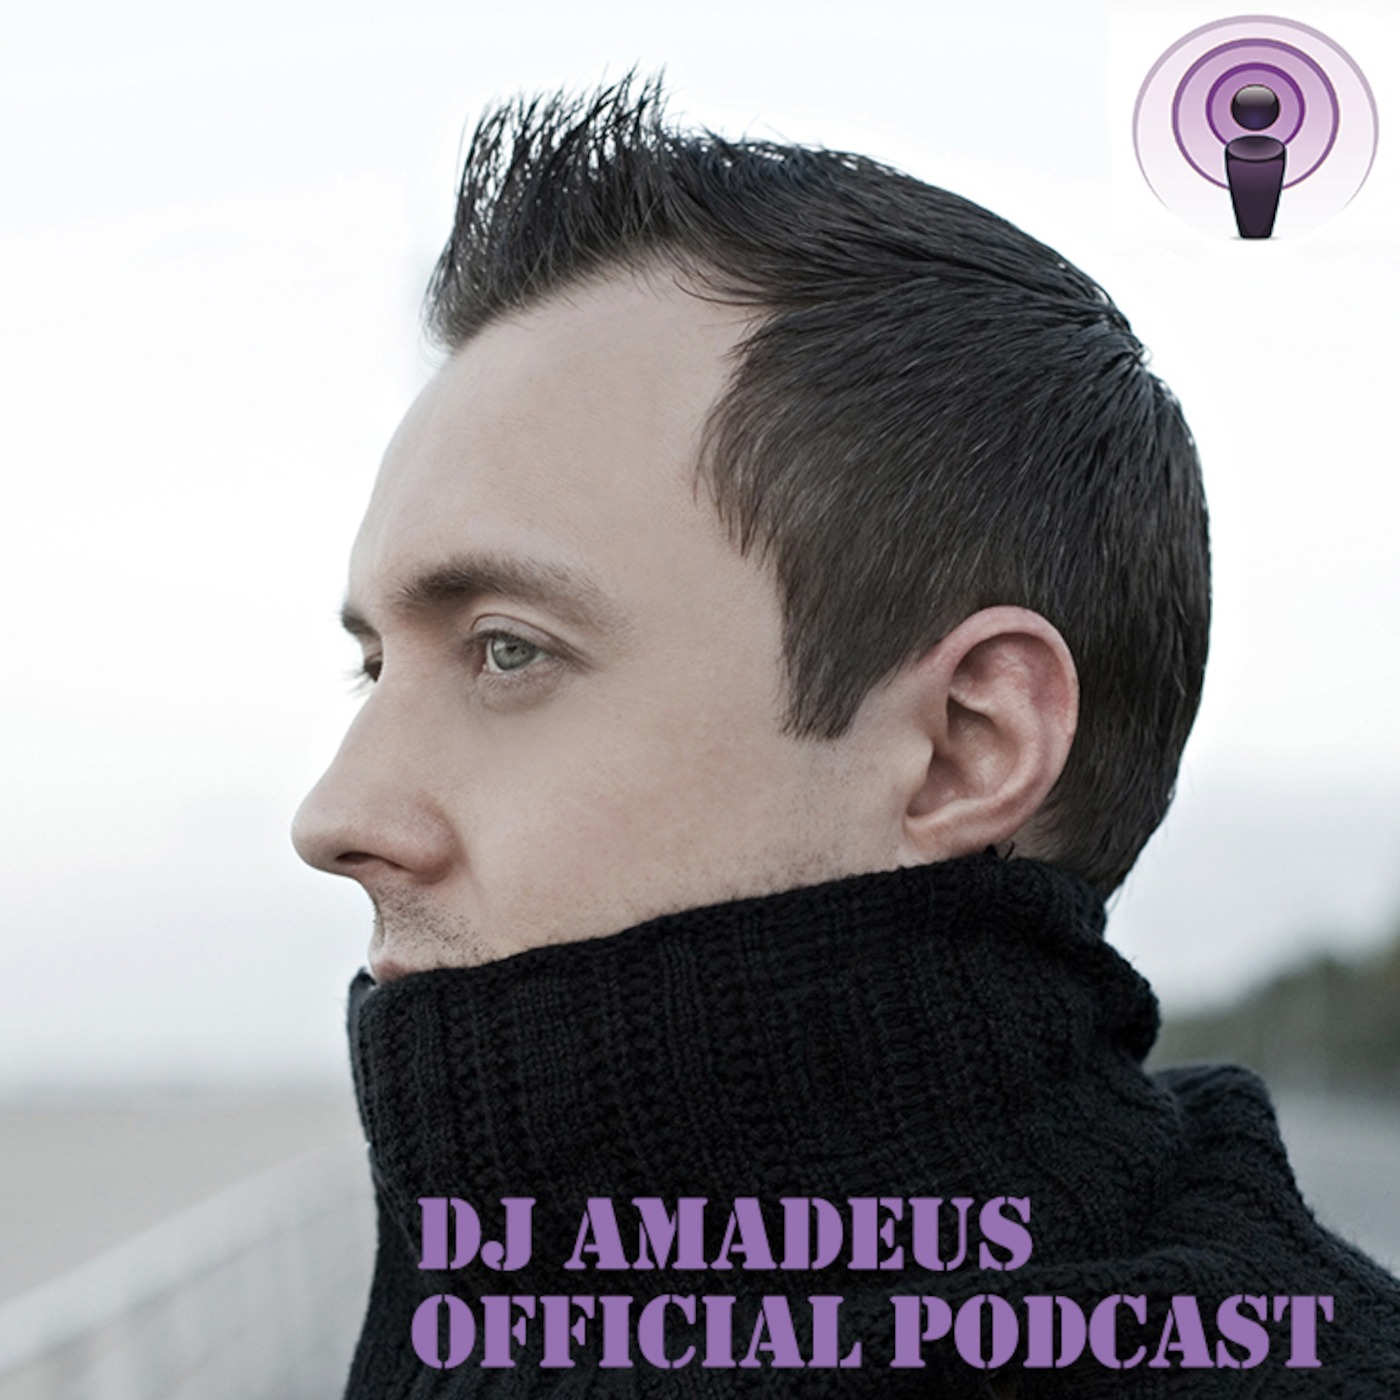 DJ Amadeus Official Podcast